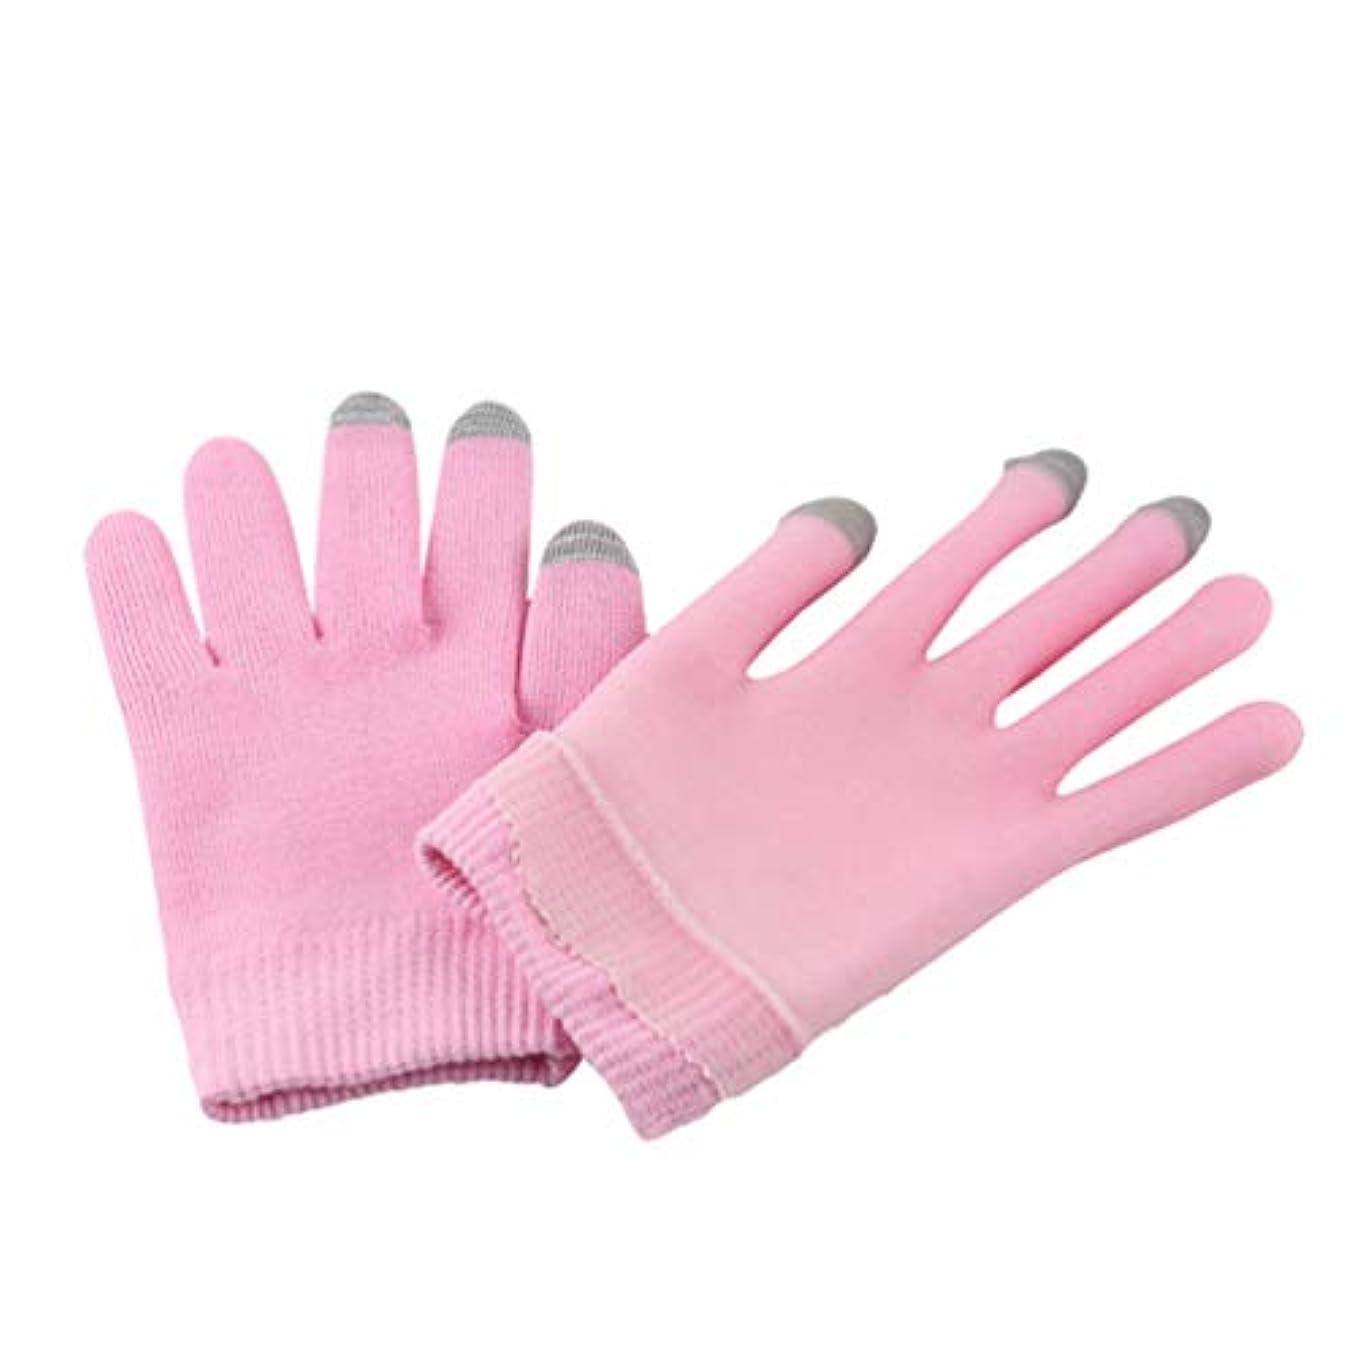 不実化学者死にかけているHEALLILY 女性のためのタッチスクリーンの手袋の冬の暖かいテキストメッセージの指のtelefingersの手袋